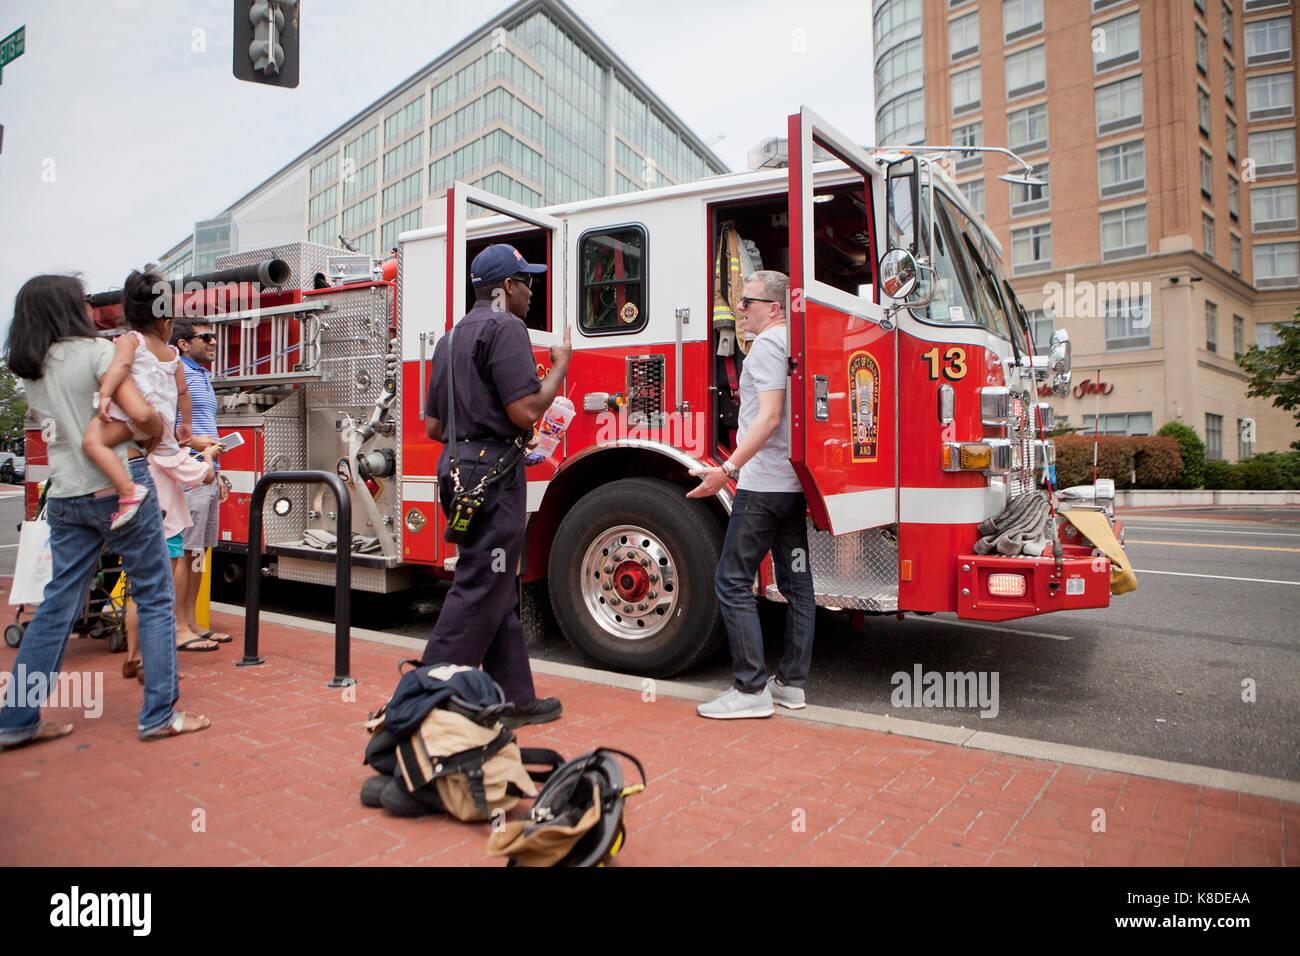 El bombero mostrando público camión de bomberos - Washington, DC, EE.UU. Imagen De Stock